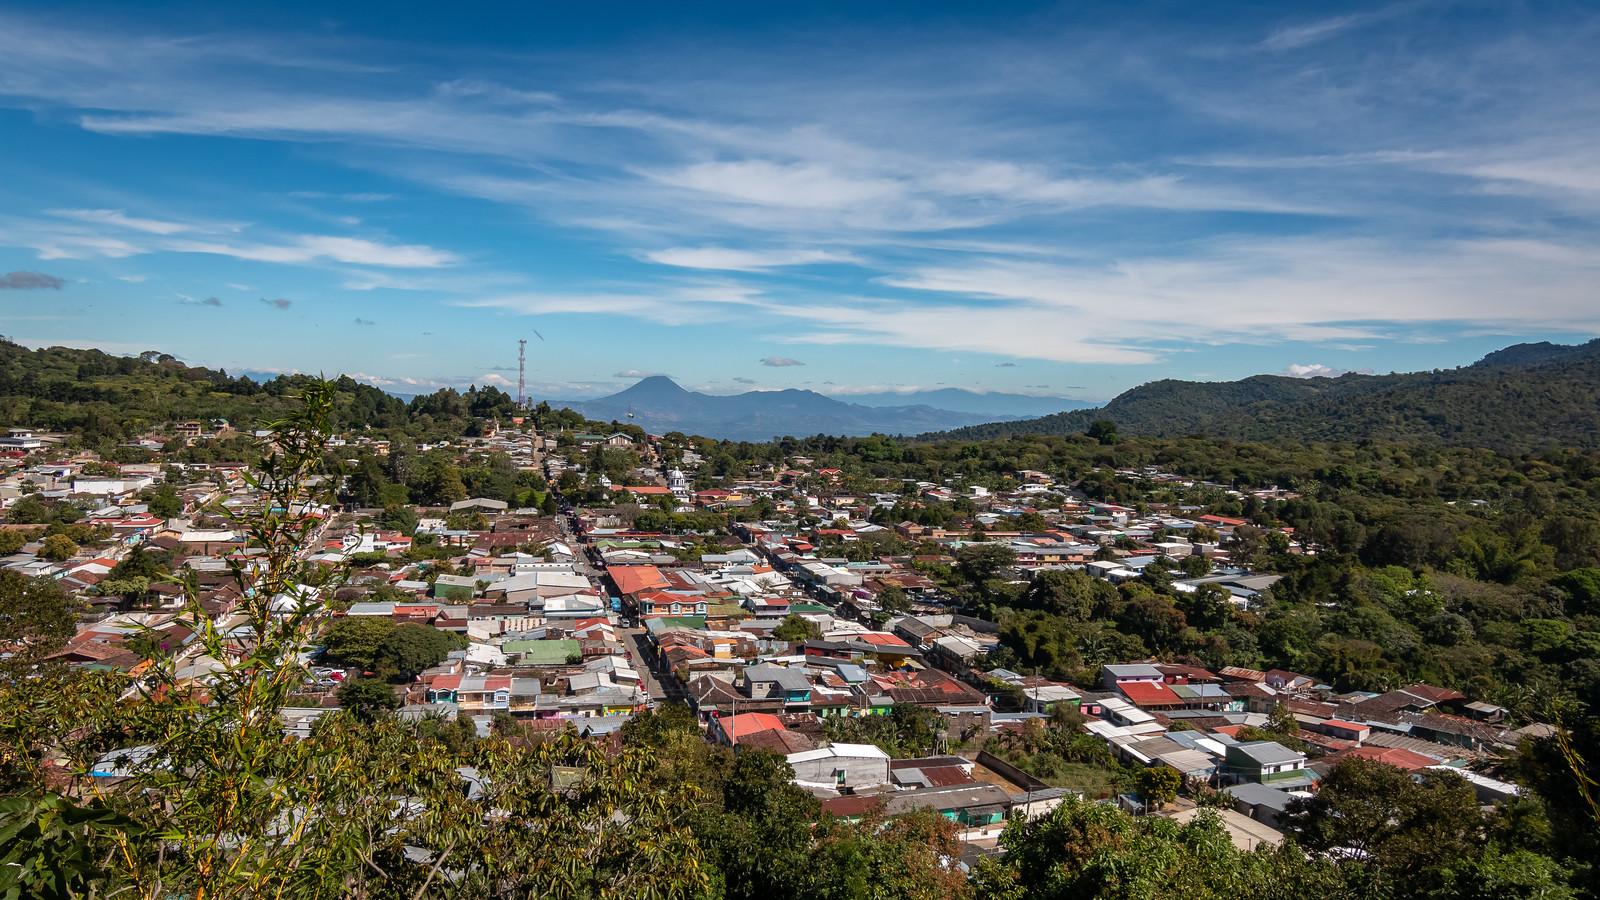 Concepcion de Ataco - [El Salvador]